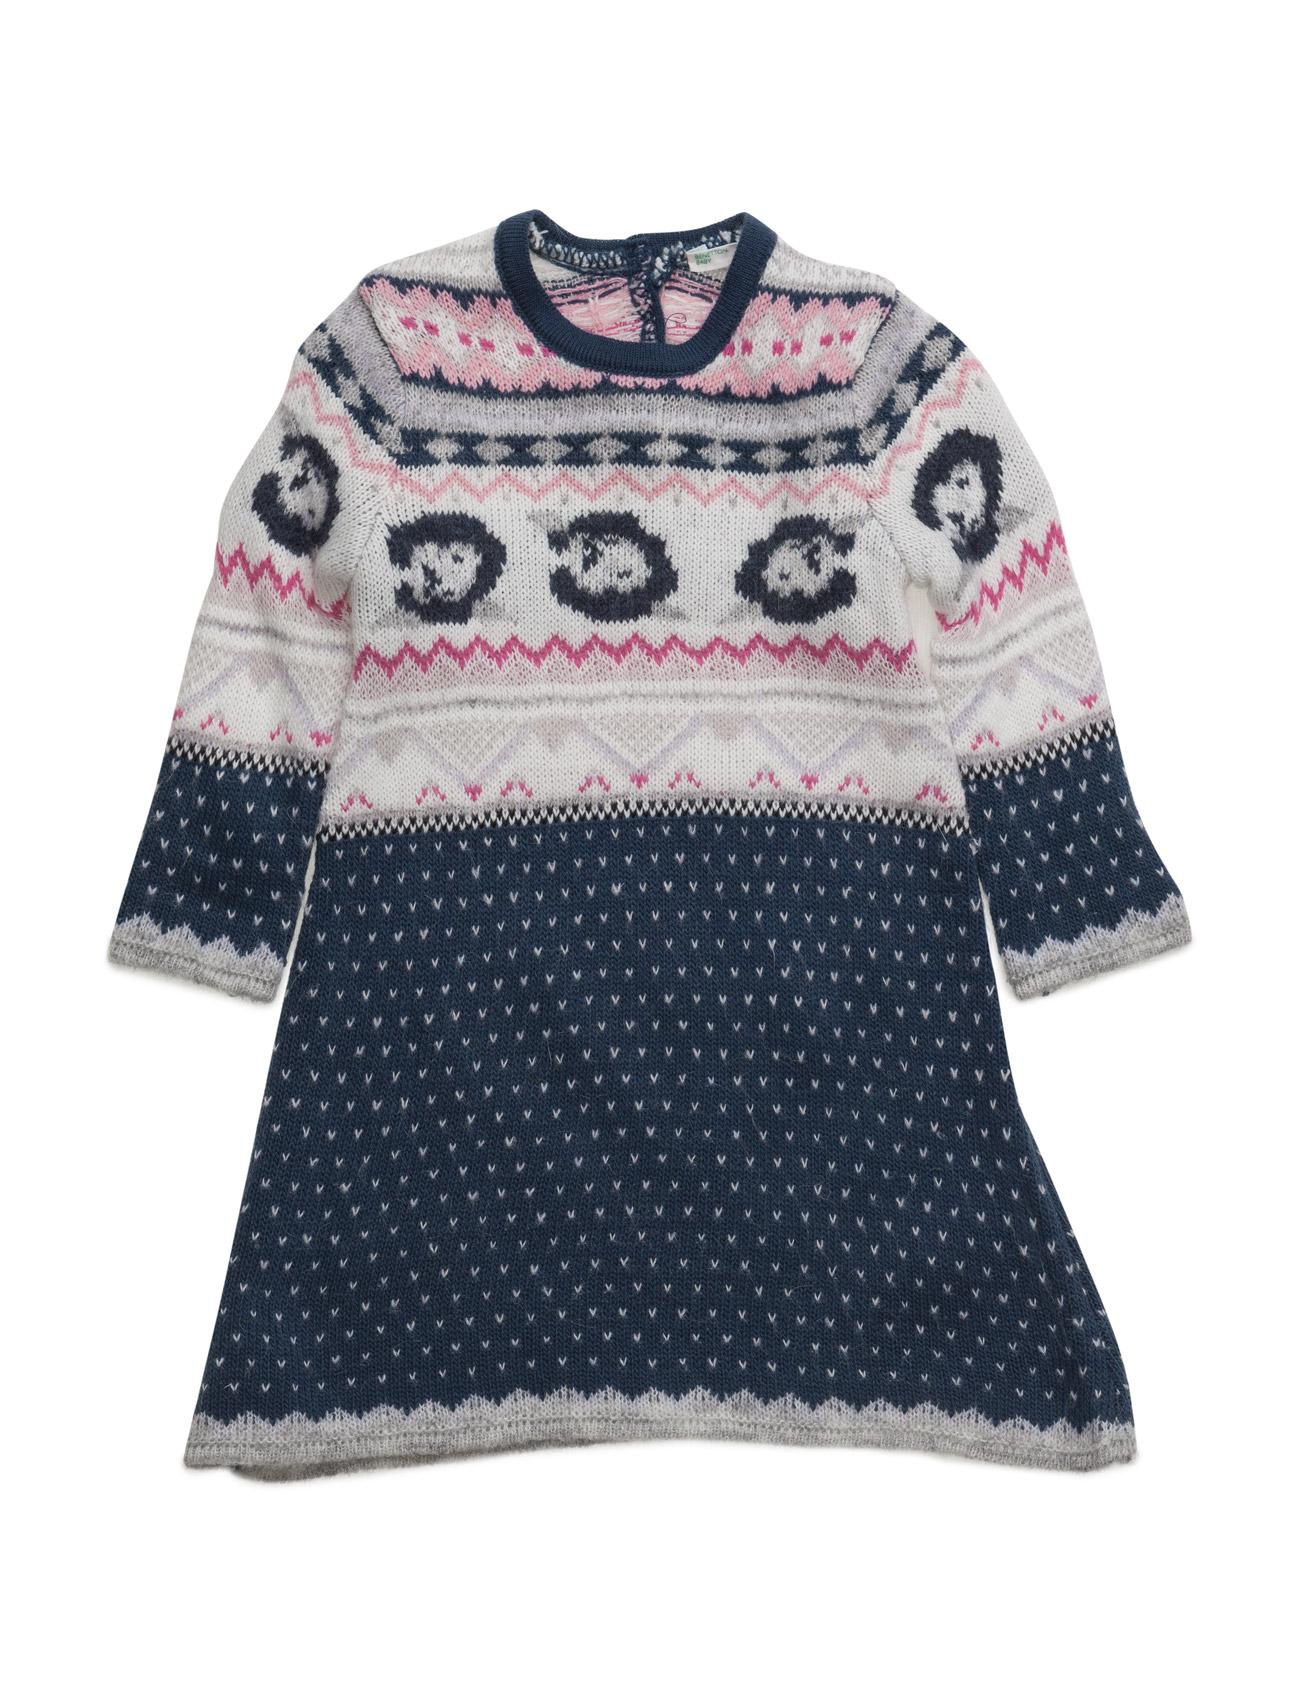 a3762ea7ce83 Dress United Colors of Benetton Kjoler til Børn i